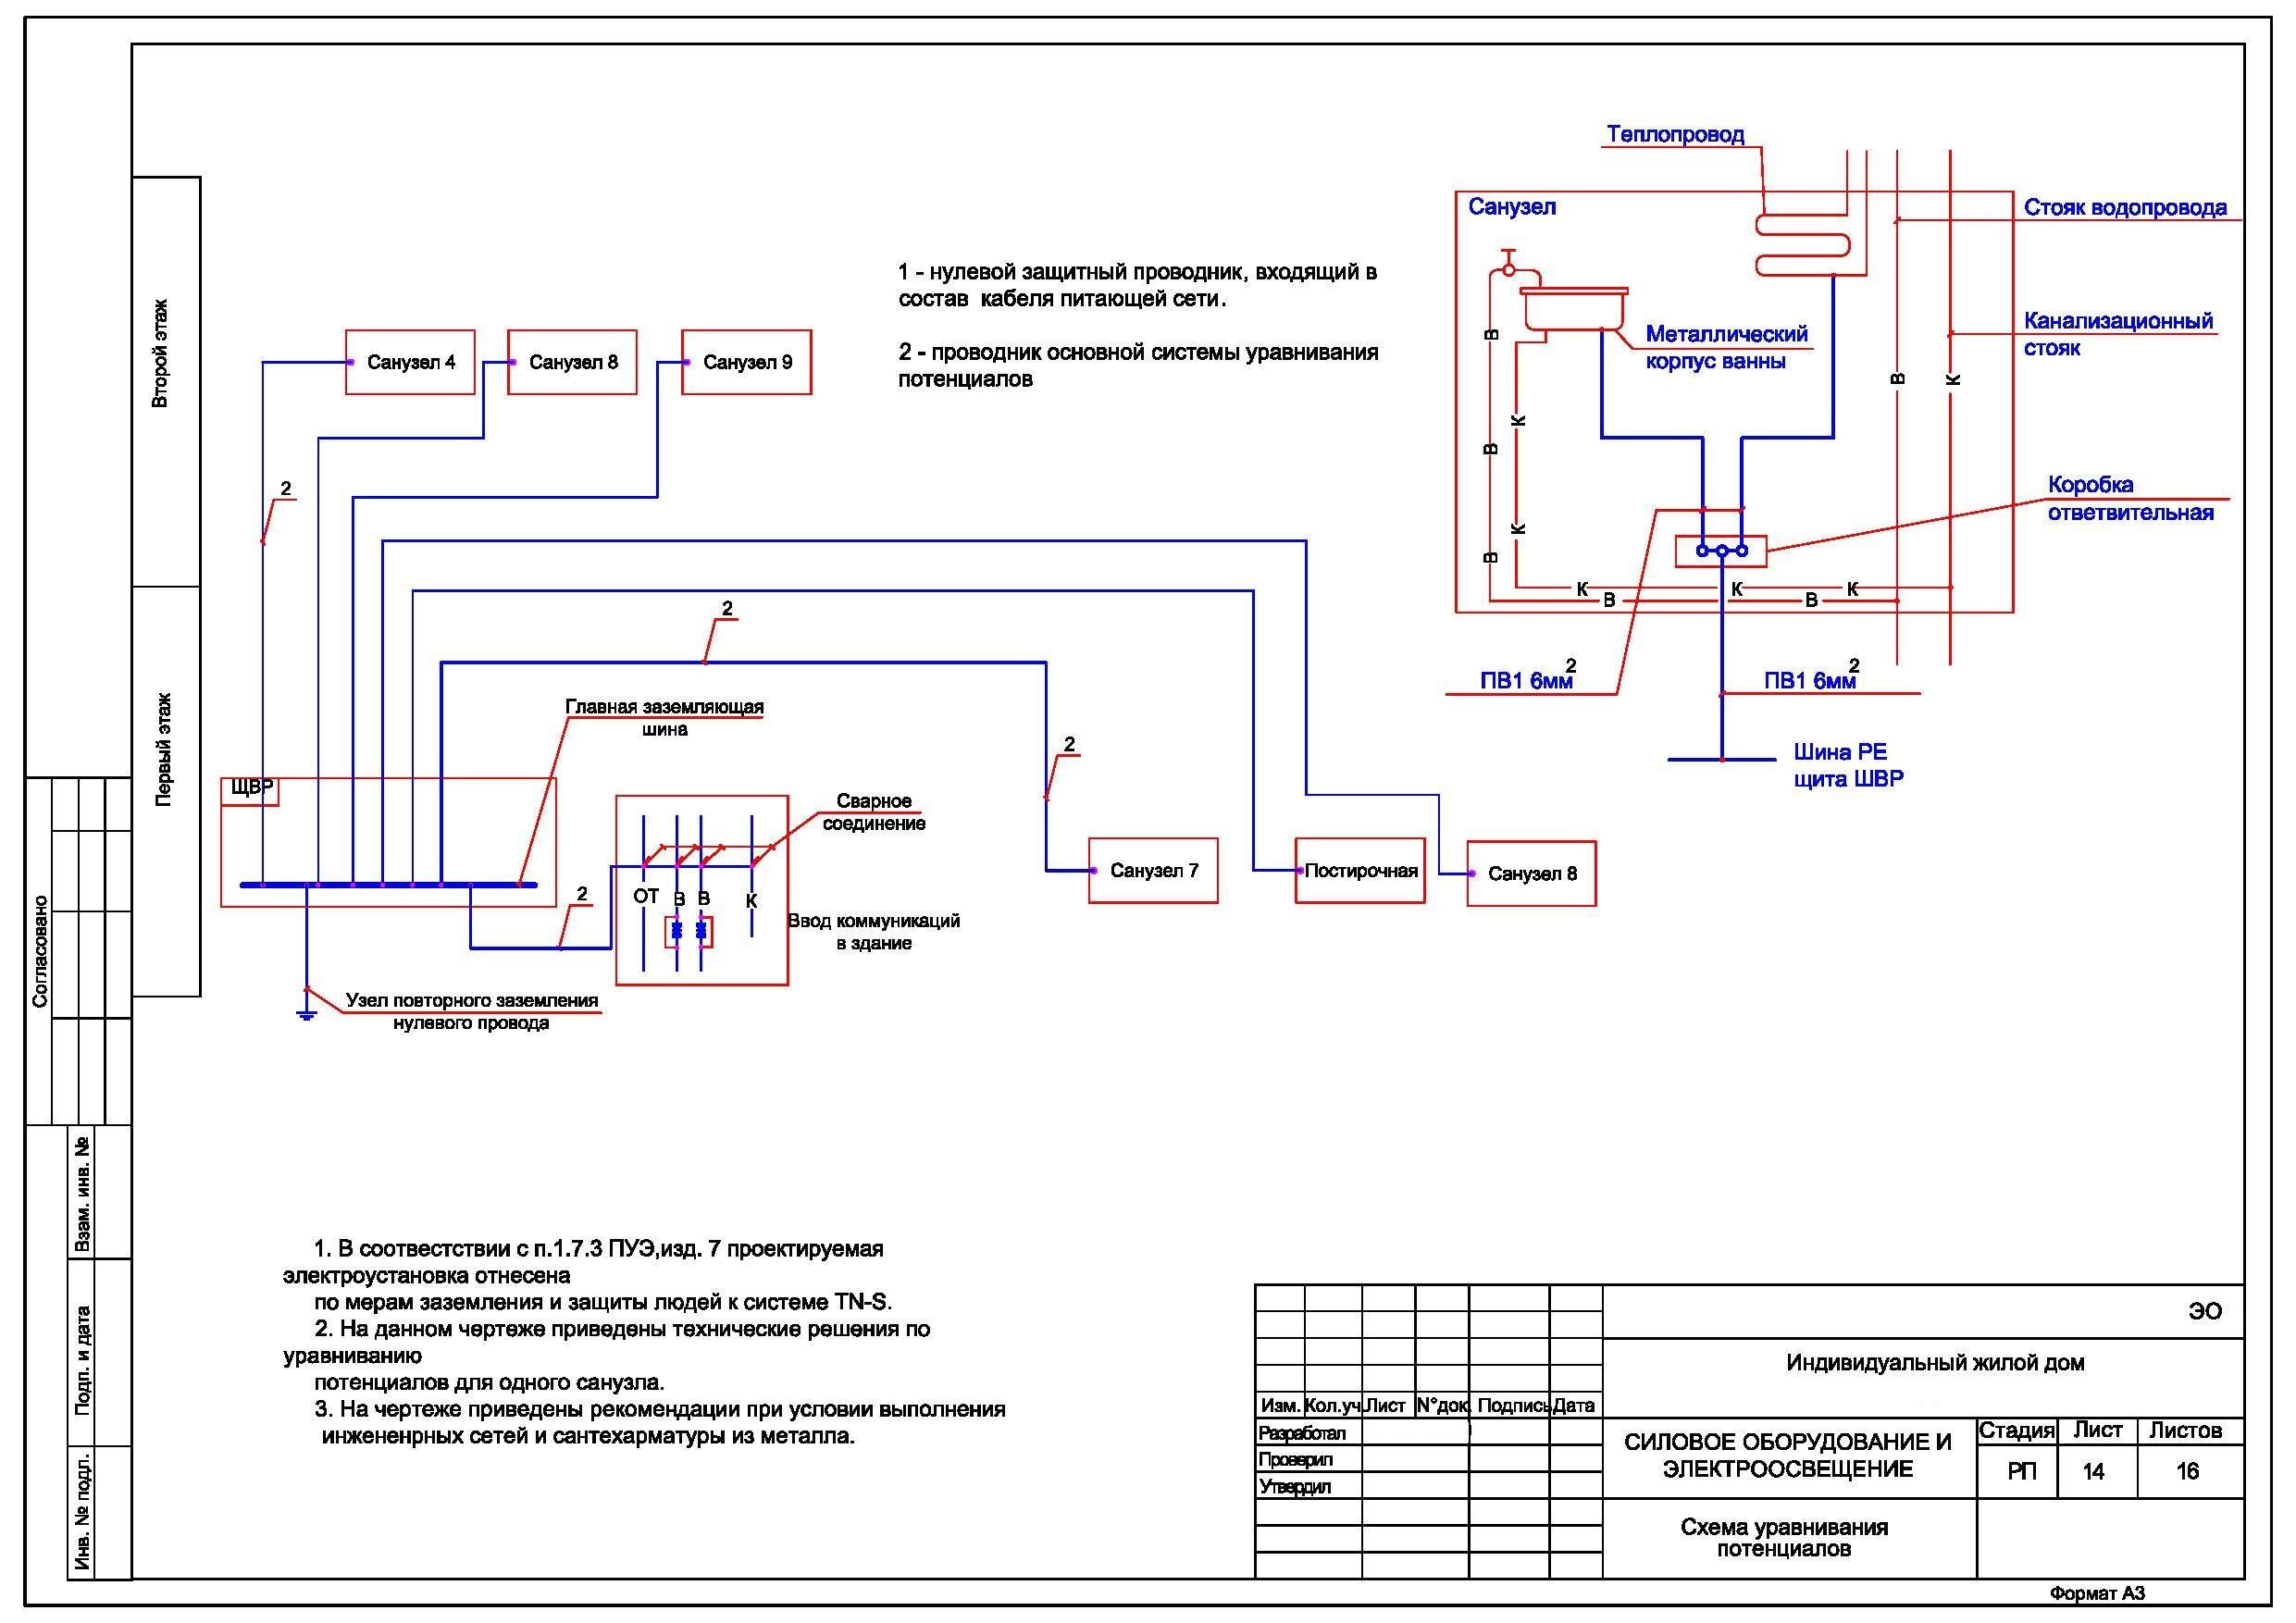 Коробка уравнивания потенциала: установка куп 1101, шина заземления, принцип работы шдуп